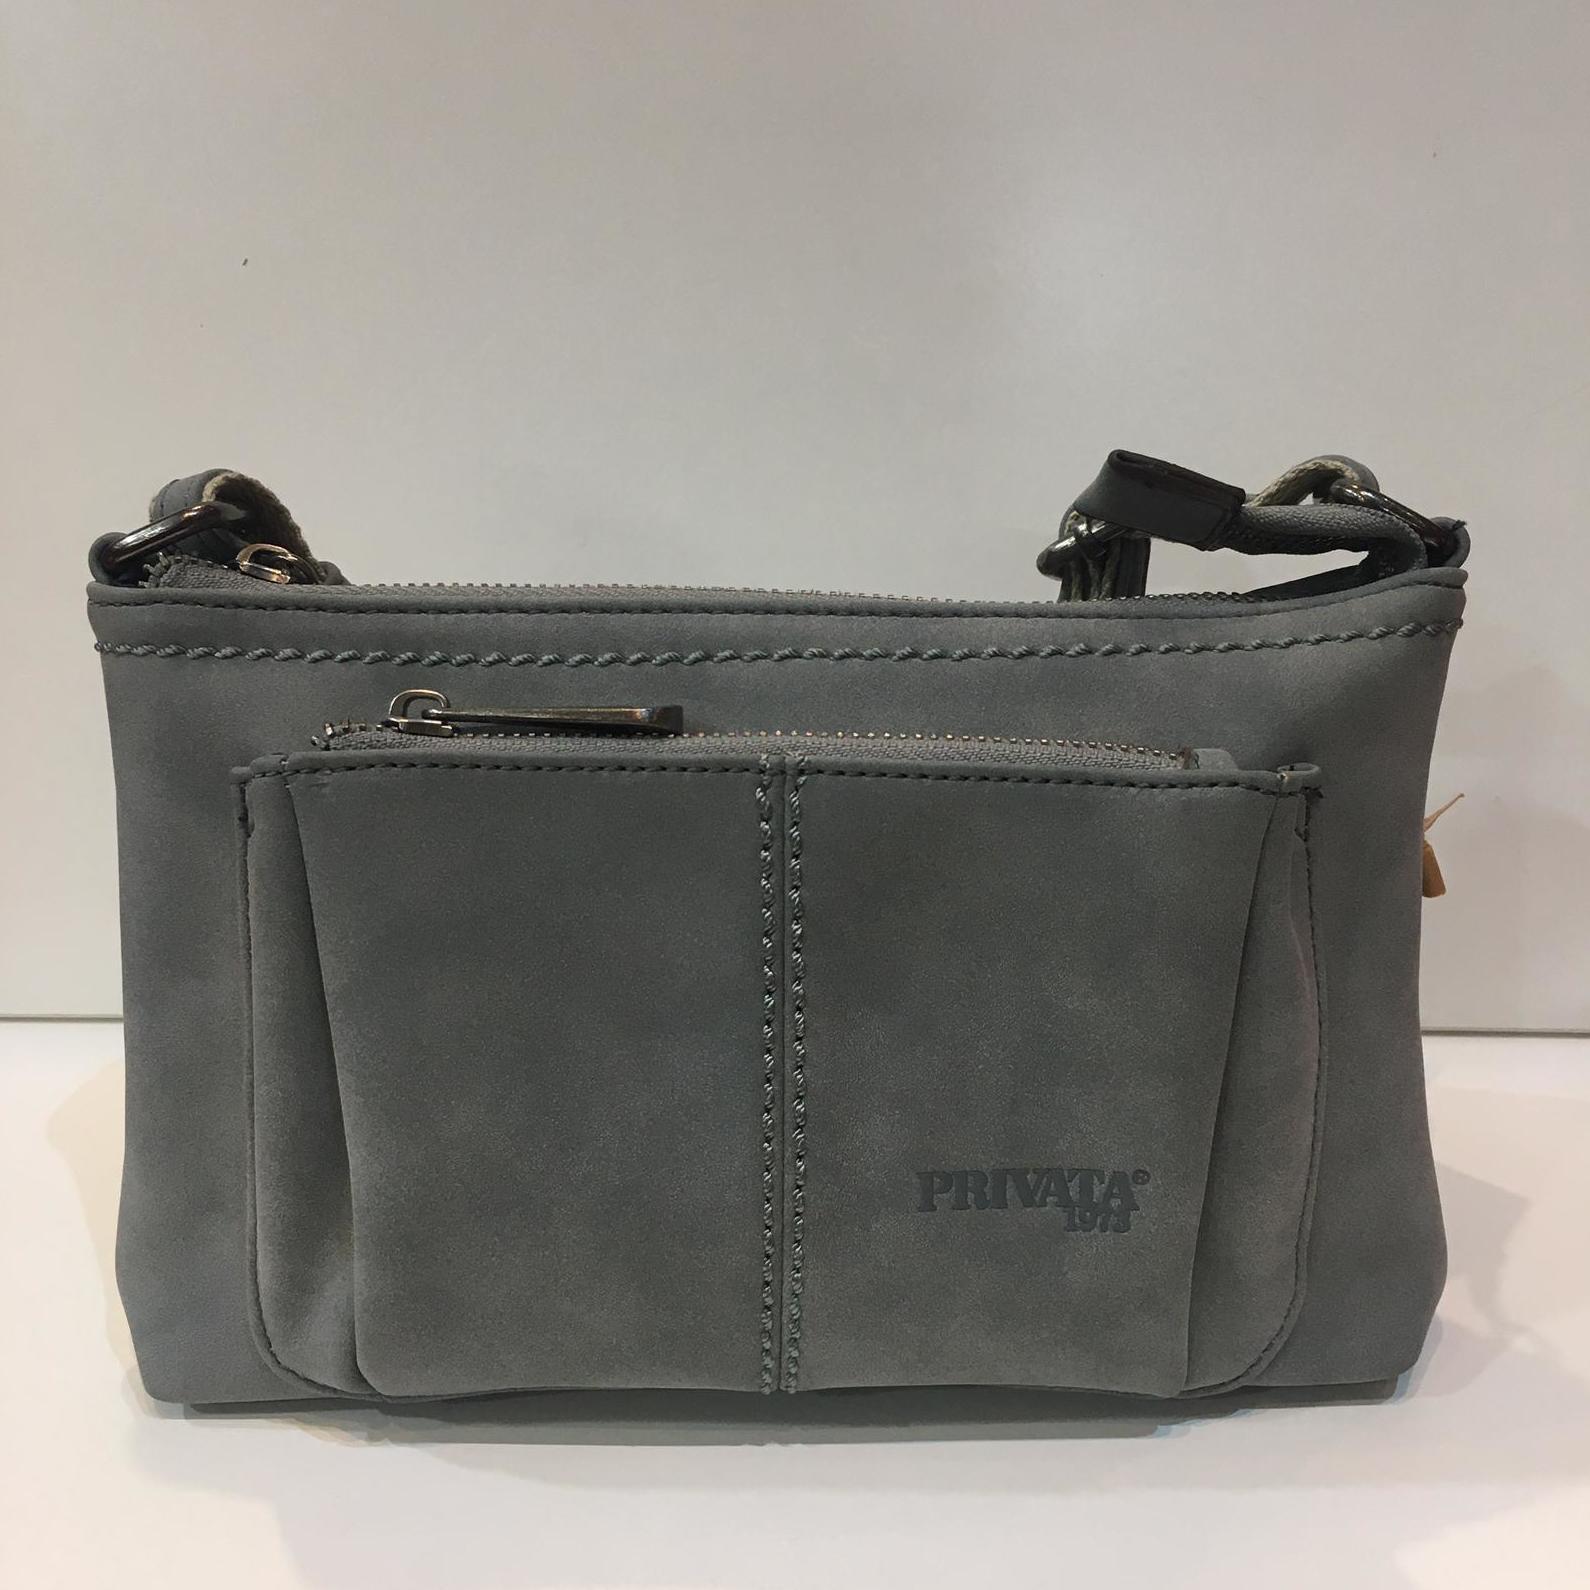 Bossa de la marca Privata, de mida petita, amb tira llarga adaptable a totes les mides 46€